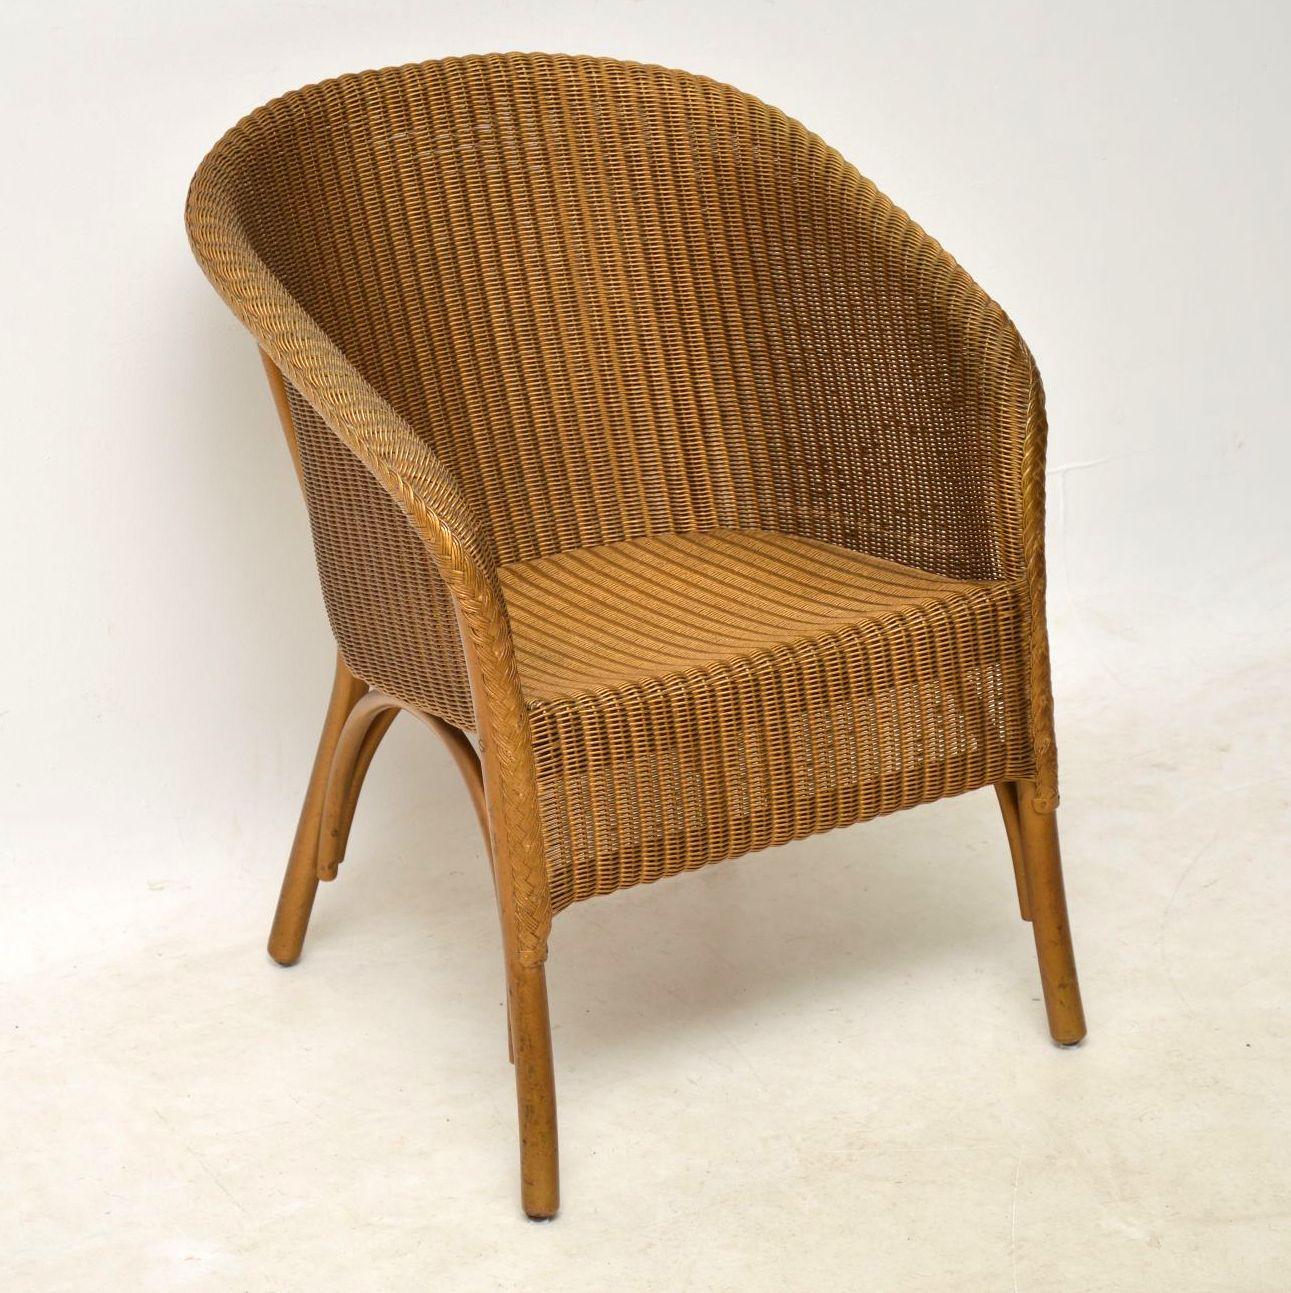 1950s Lloyd Loom Lusty Wicker Armchair Chair